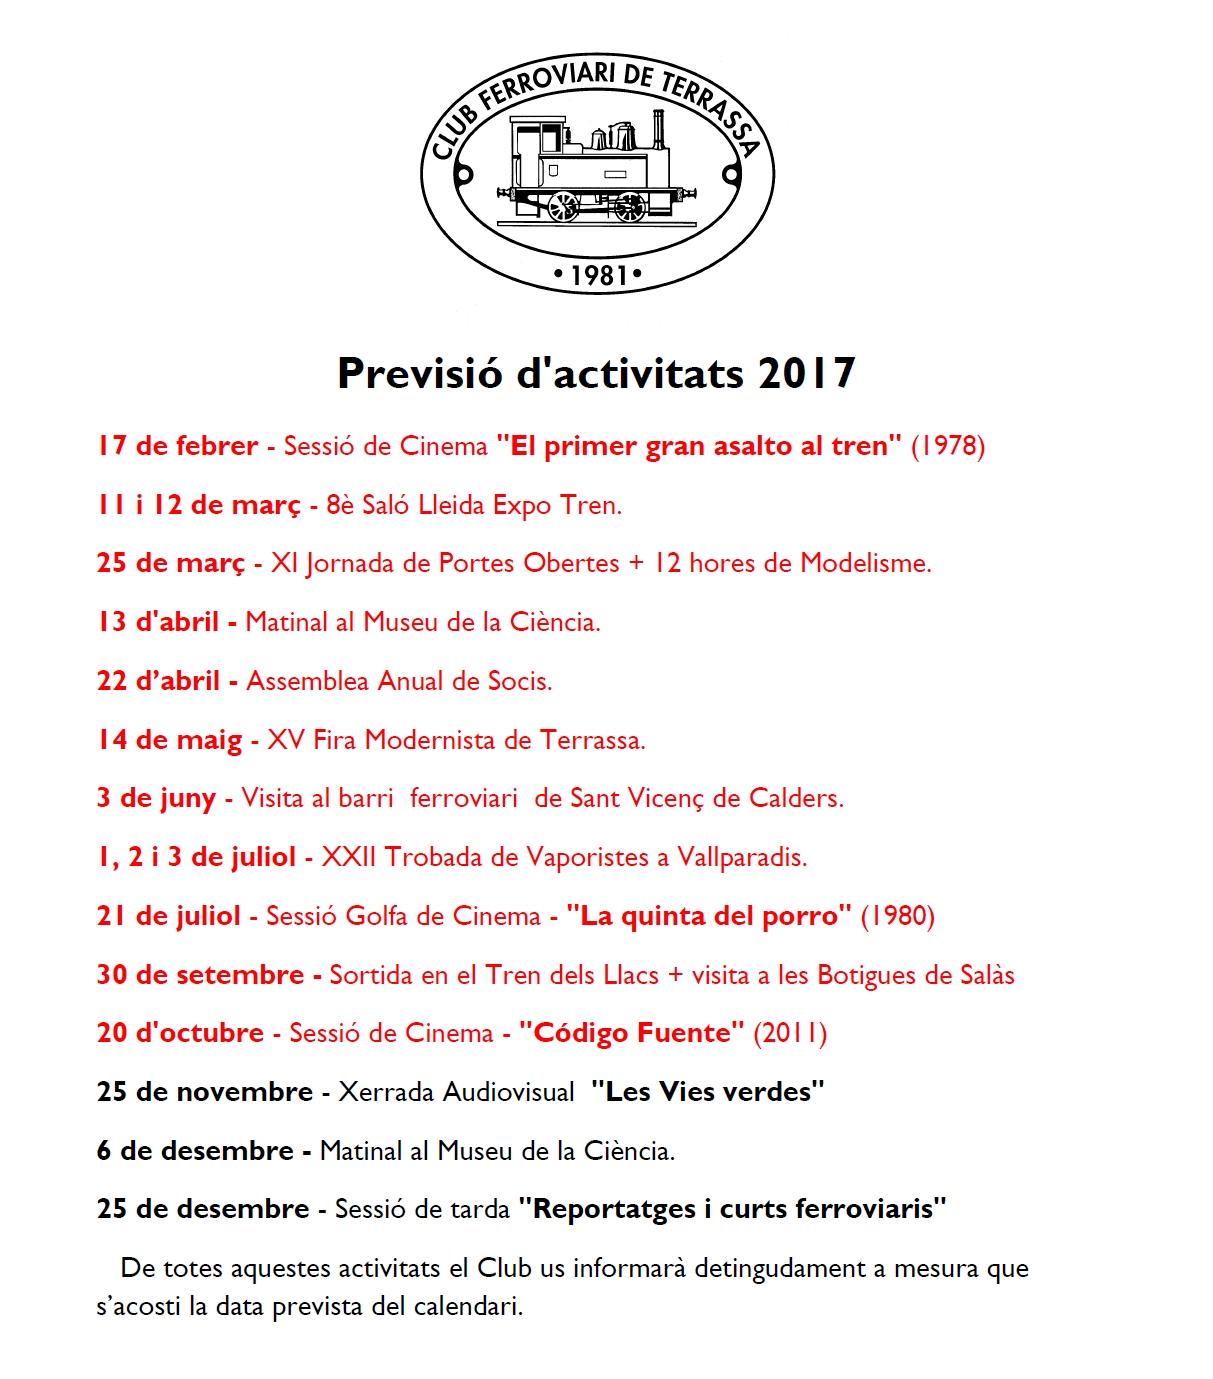 Modificació i Actualització de la Previsió d'Activitats del Club Ferroviari de Terrassa. 7-NOV-2017